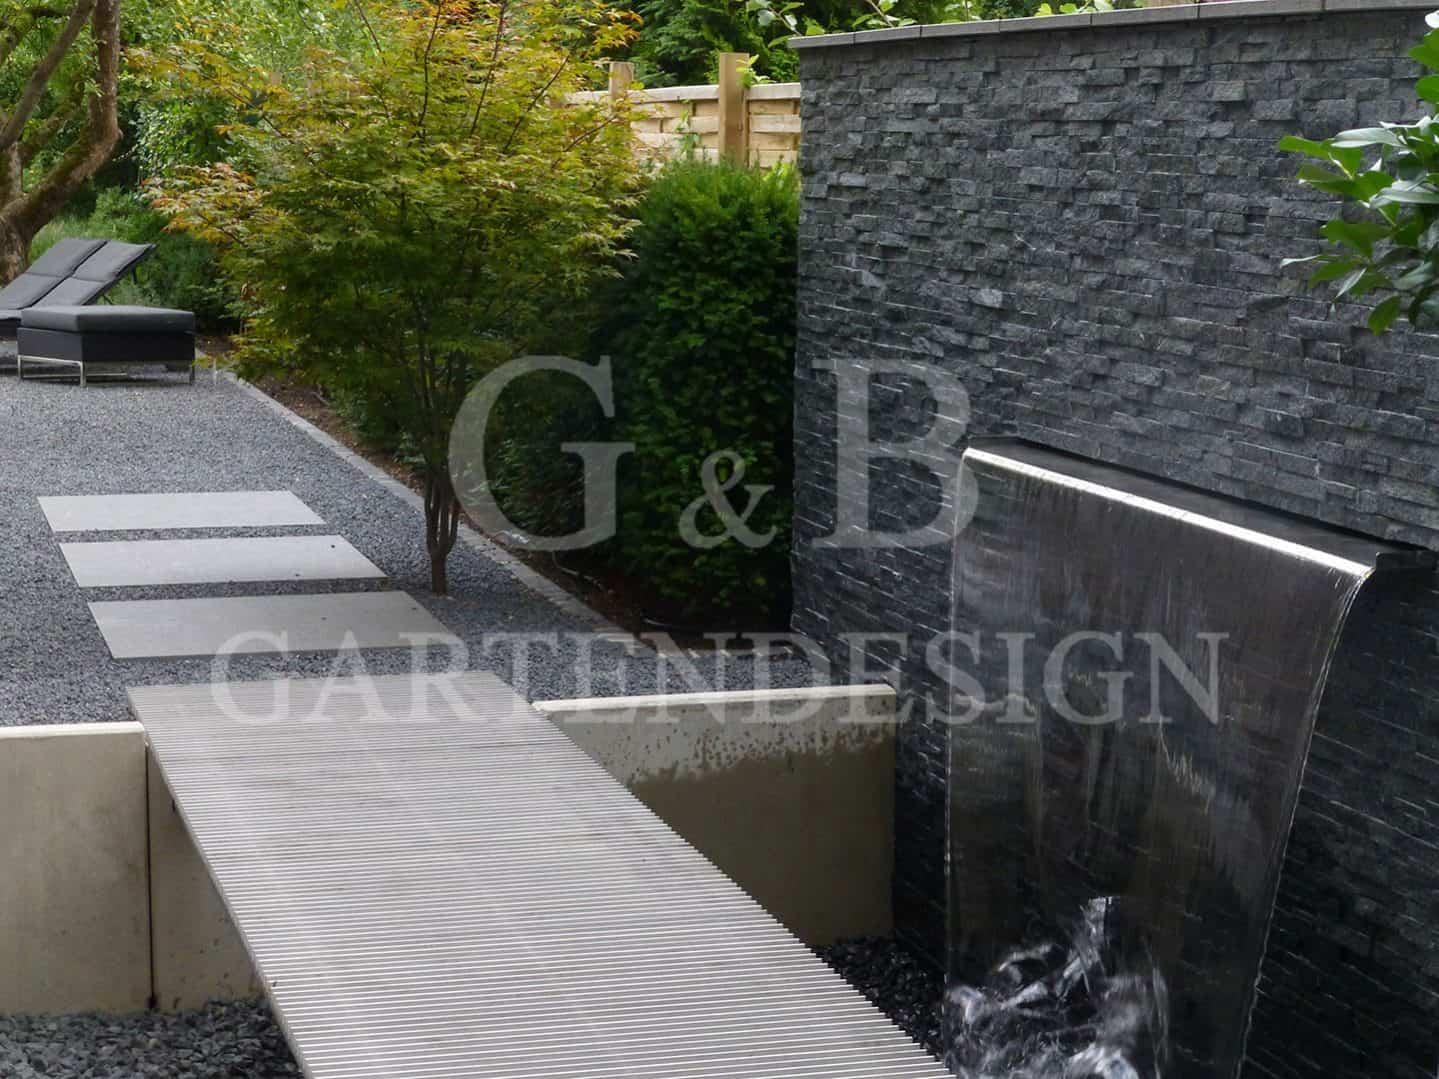 Leistungen gempp gartendesign for Gartendesign